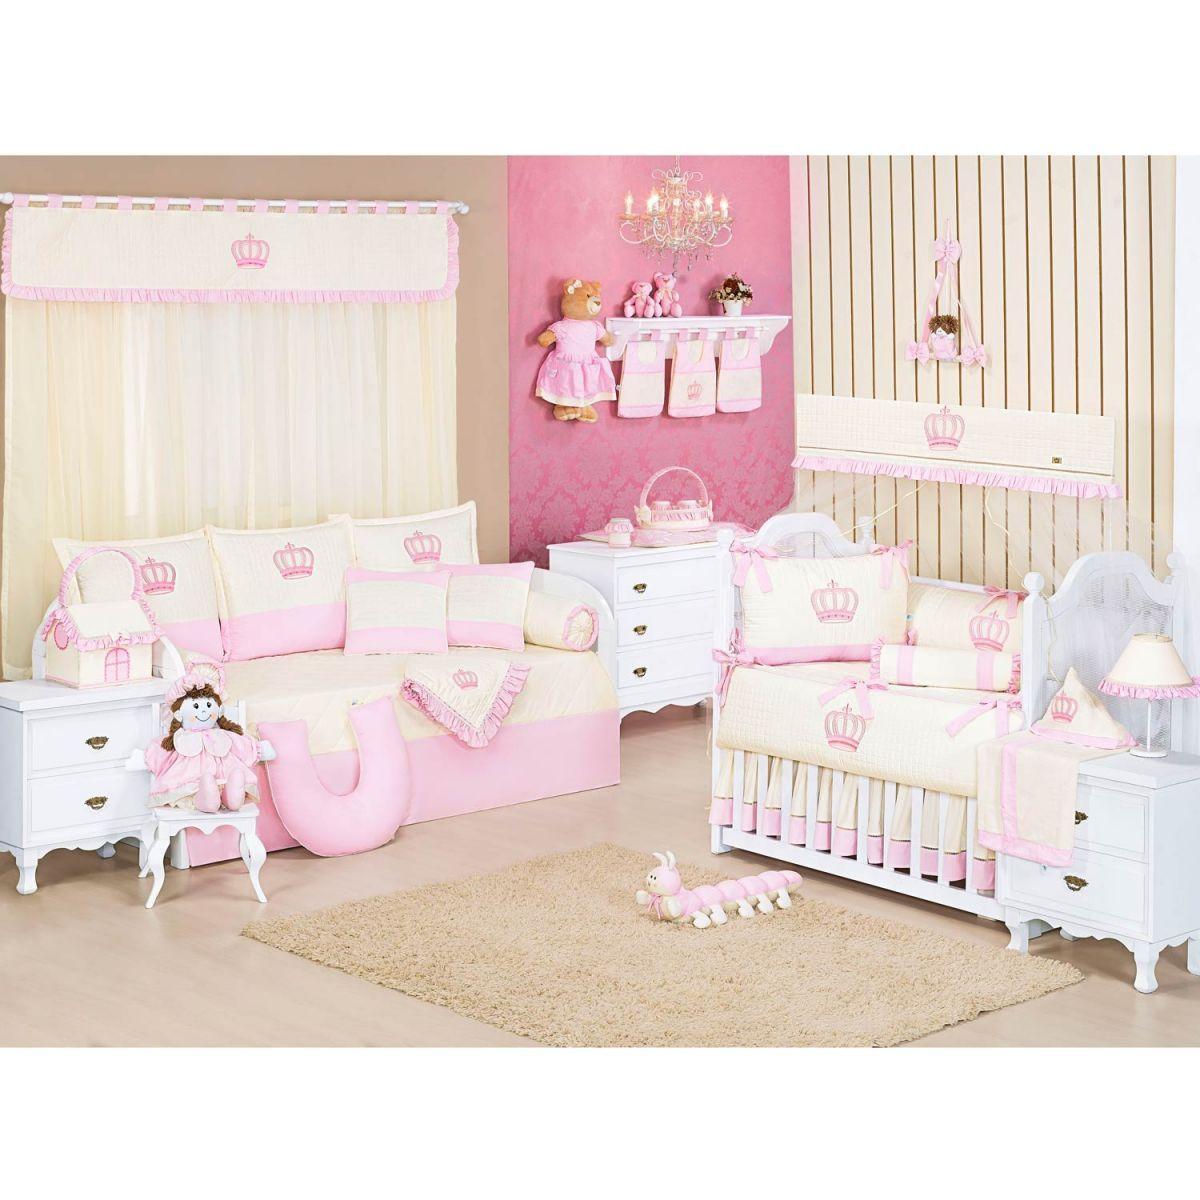 Farmacinha Enfeitada para Quarto de Bebê Coleção Realeza Rosa